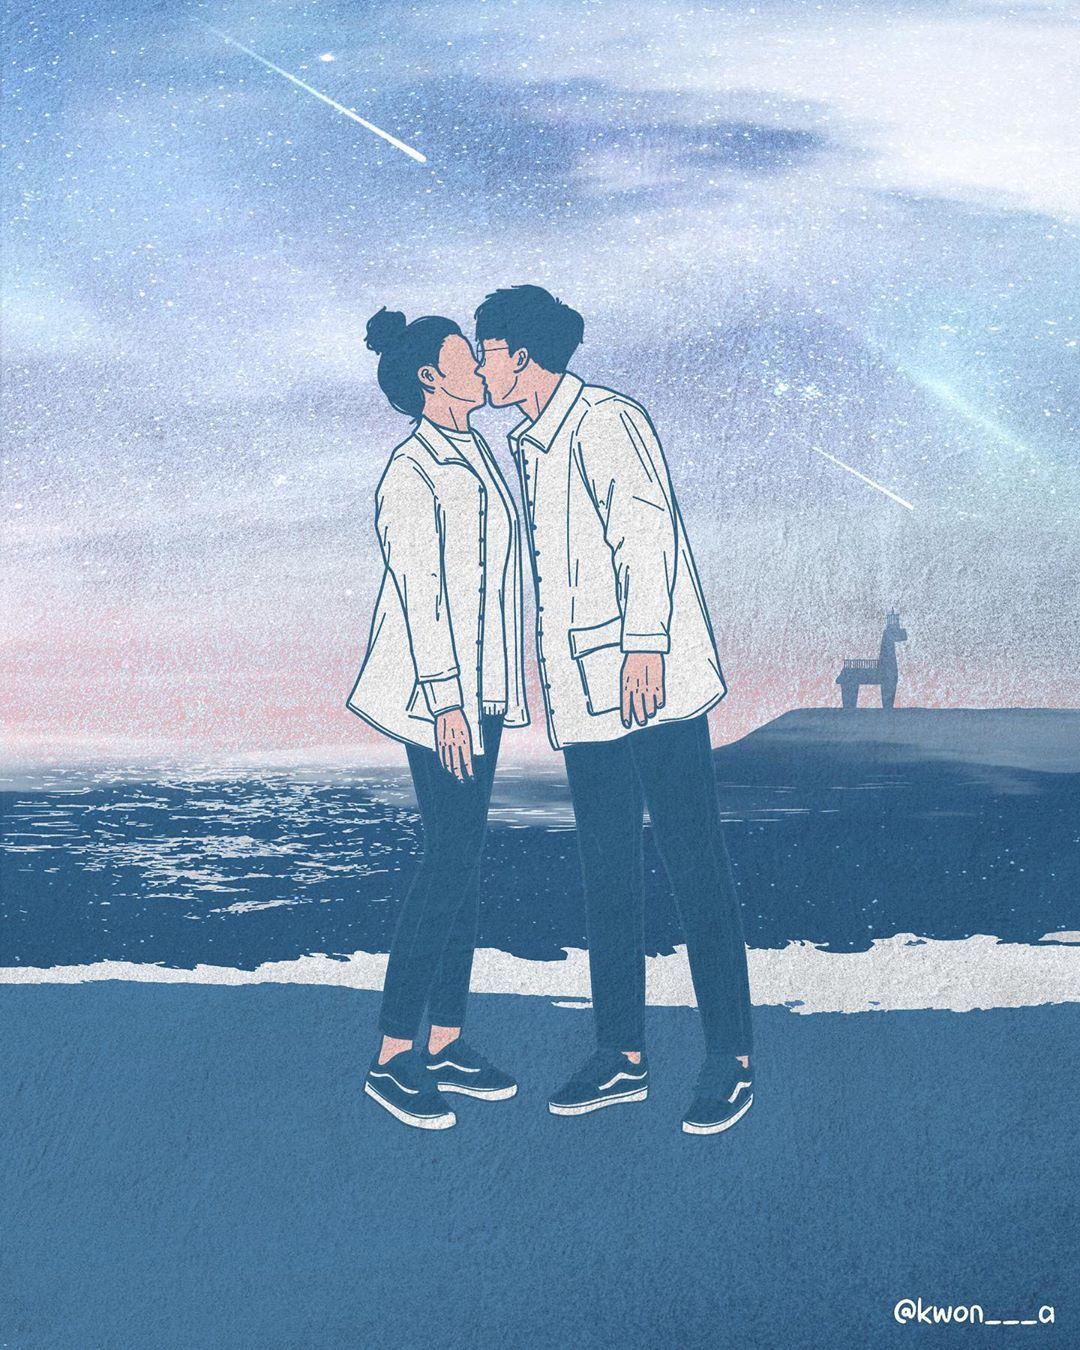 韩国插画师kwon___a笔下的情侣亲密照 涨姿势 第12张